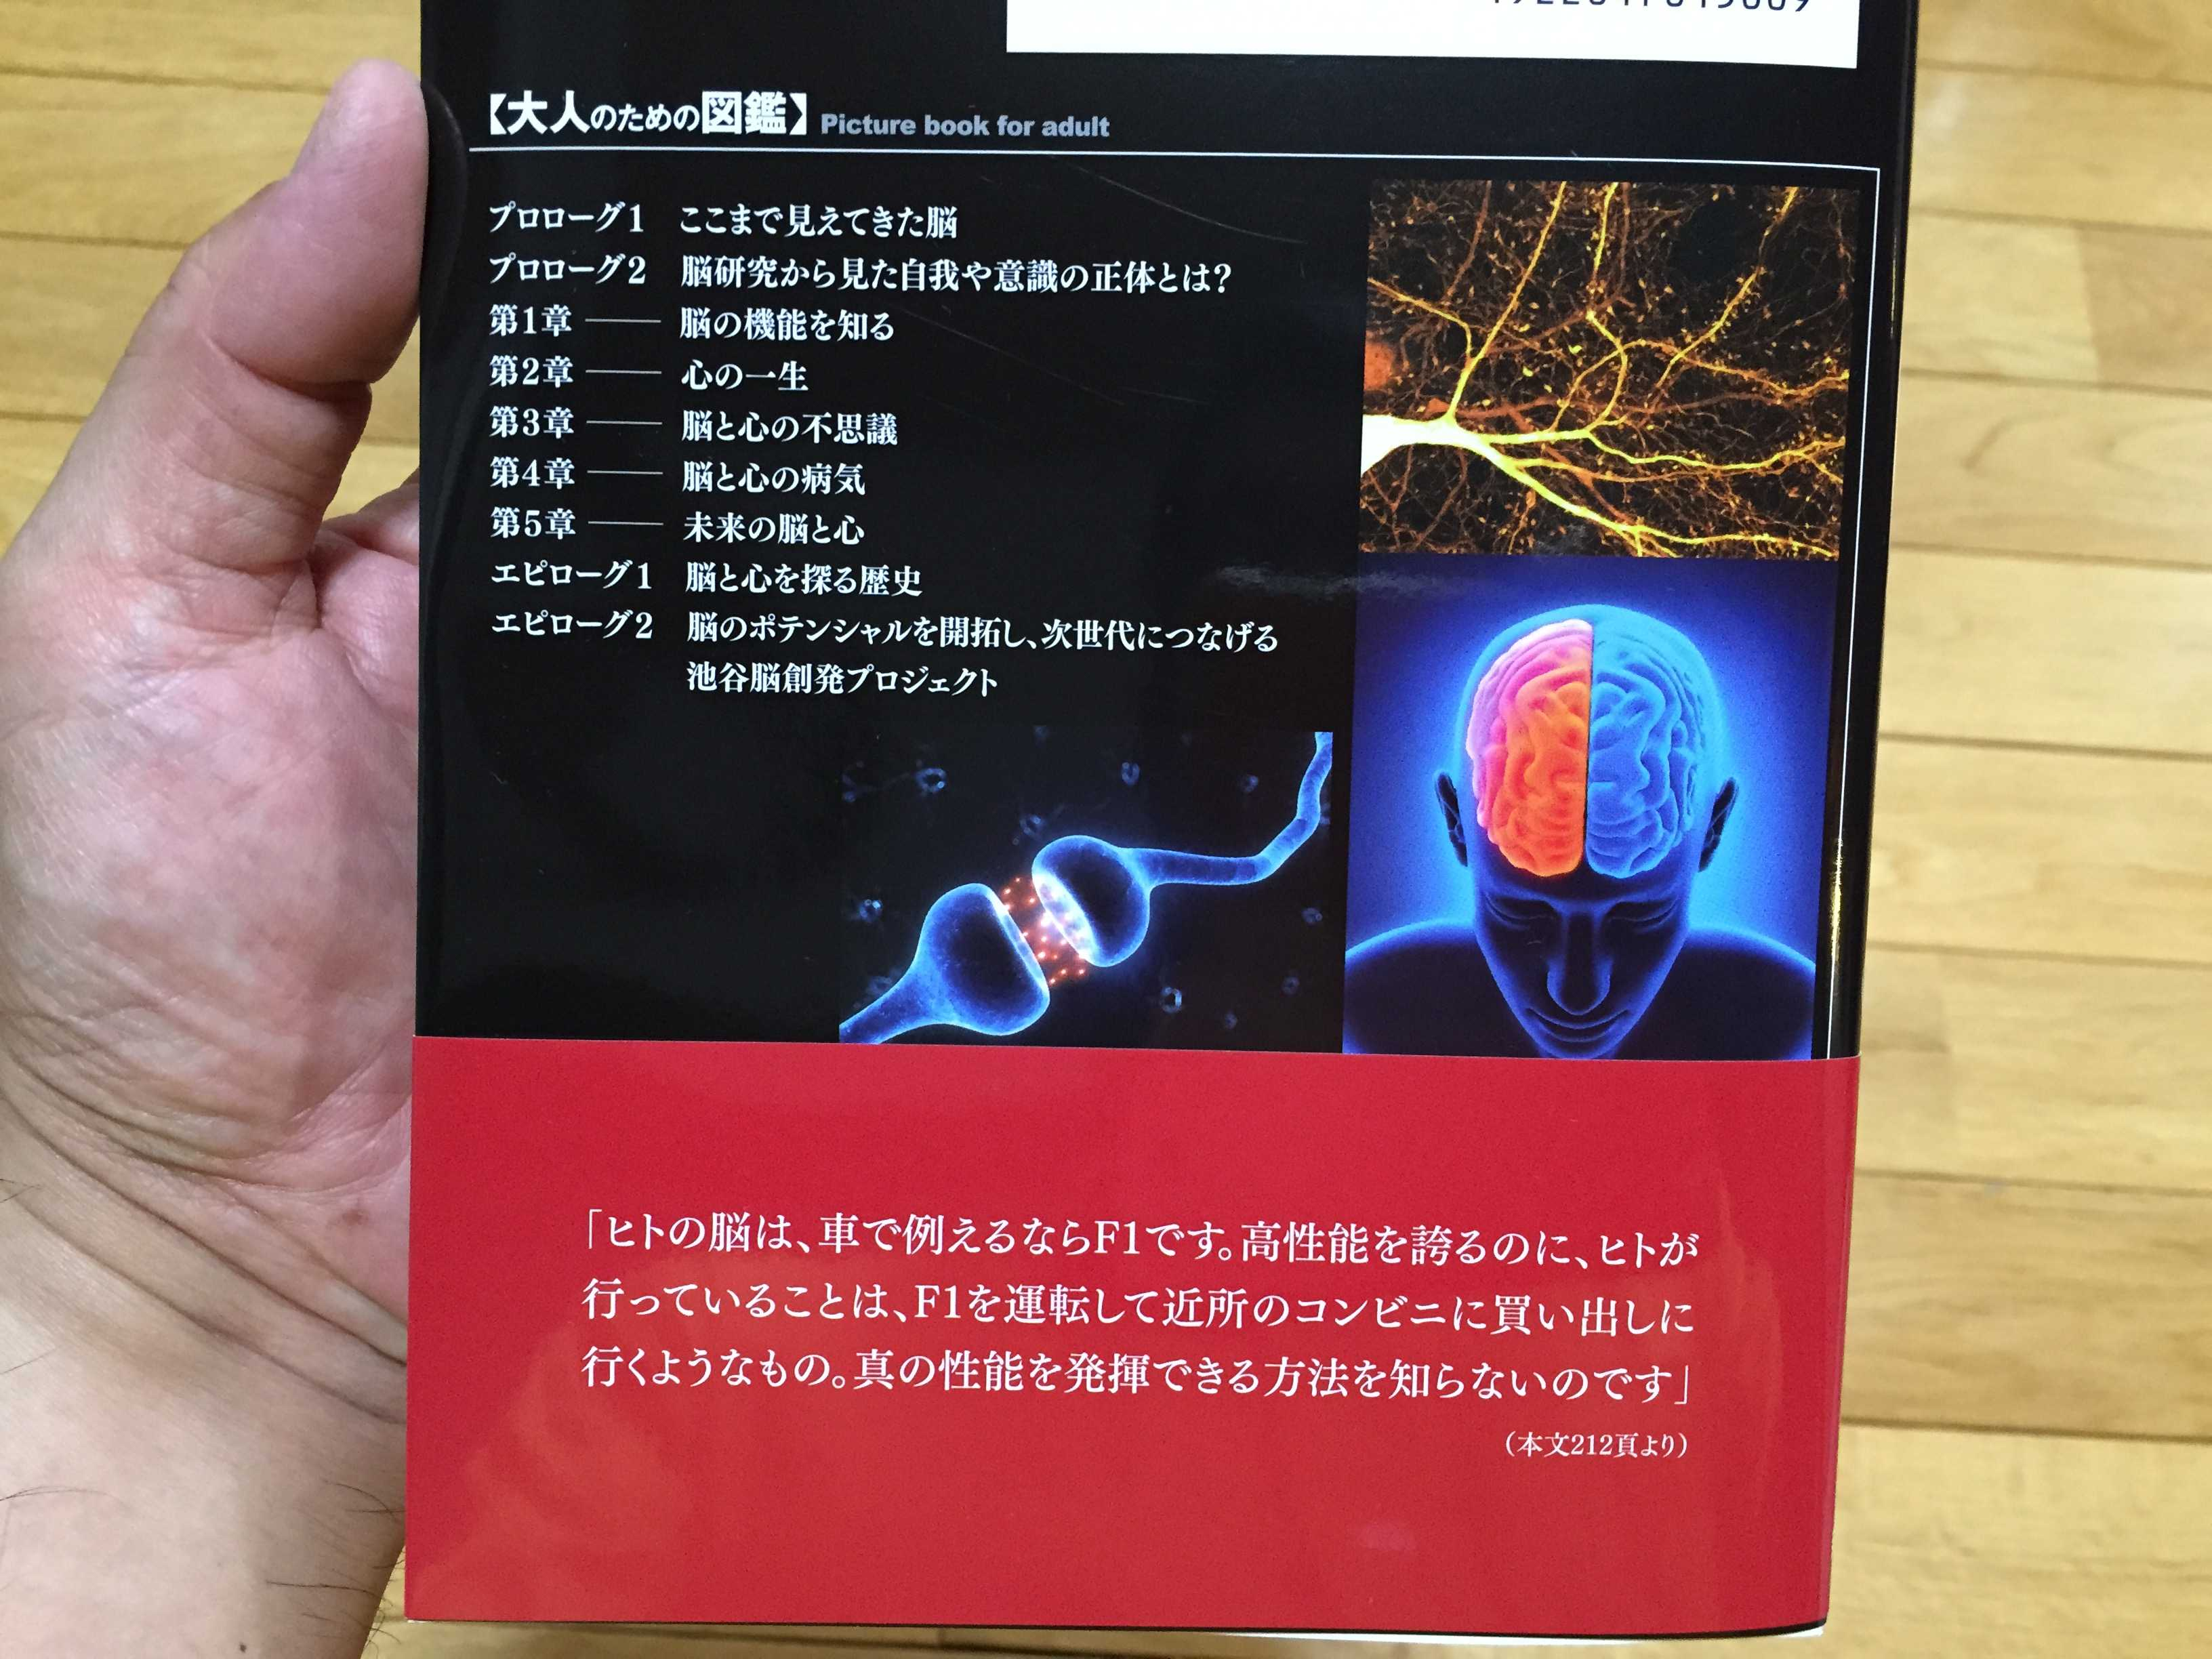 脳と心の仕組み【大人のための図鑑】 Picture book for adult